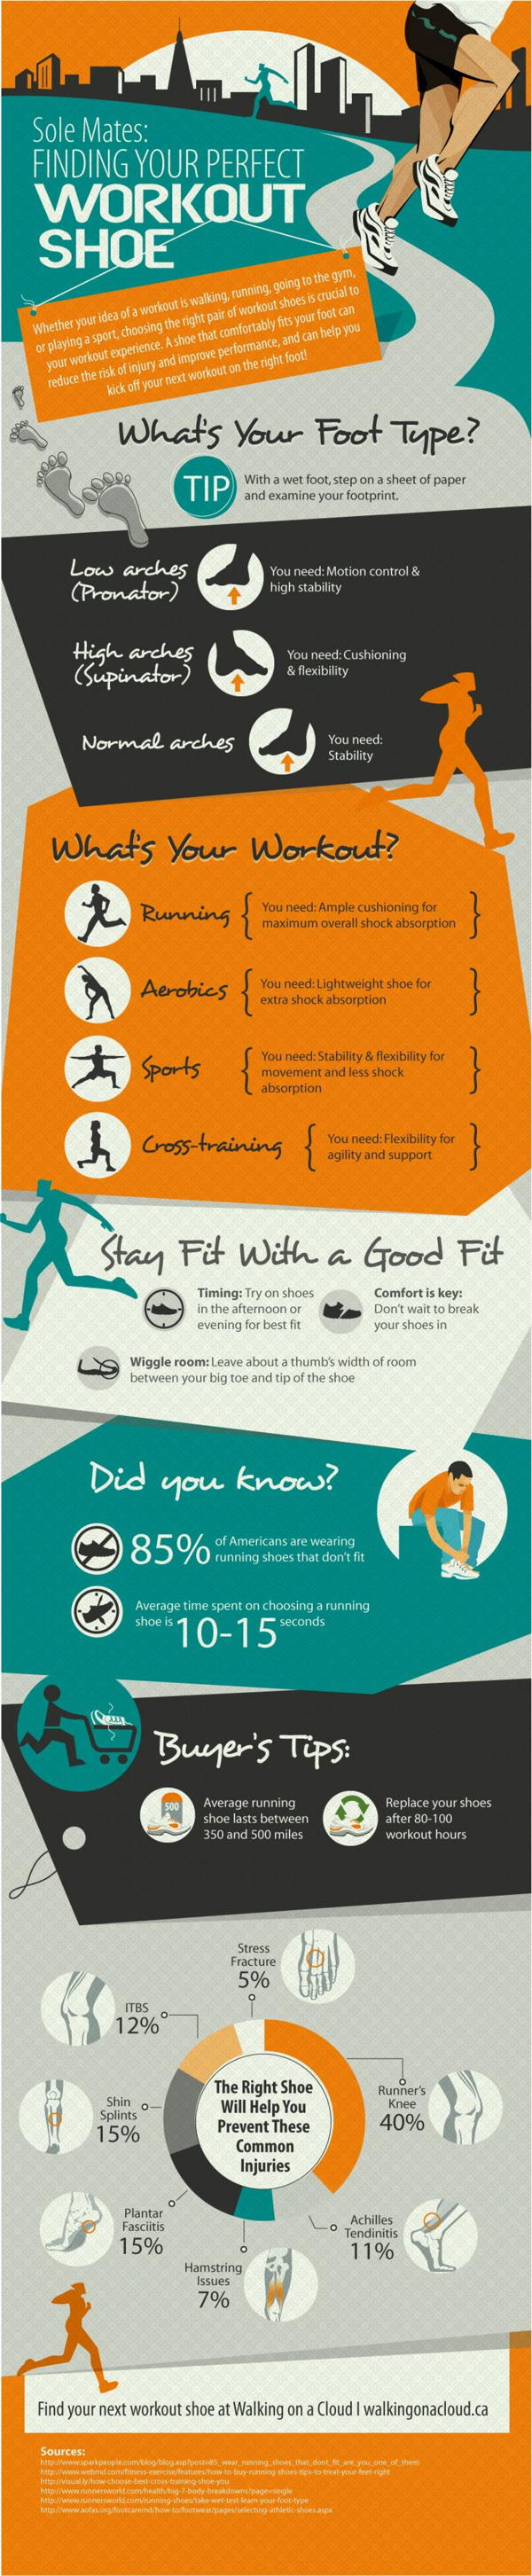 Encuentra el zapato ideal para tu tipo de entrenamiento infografia